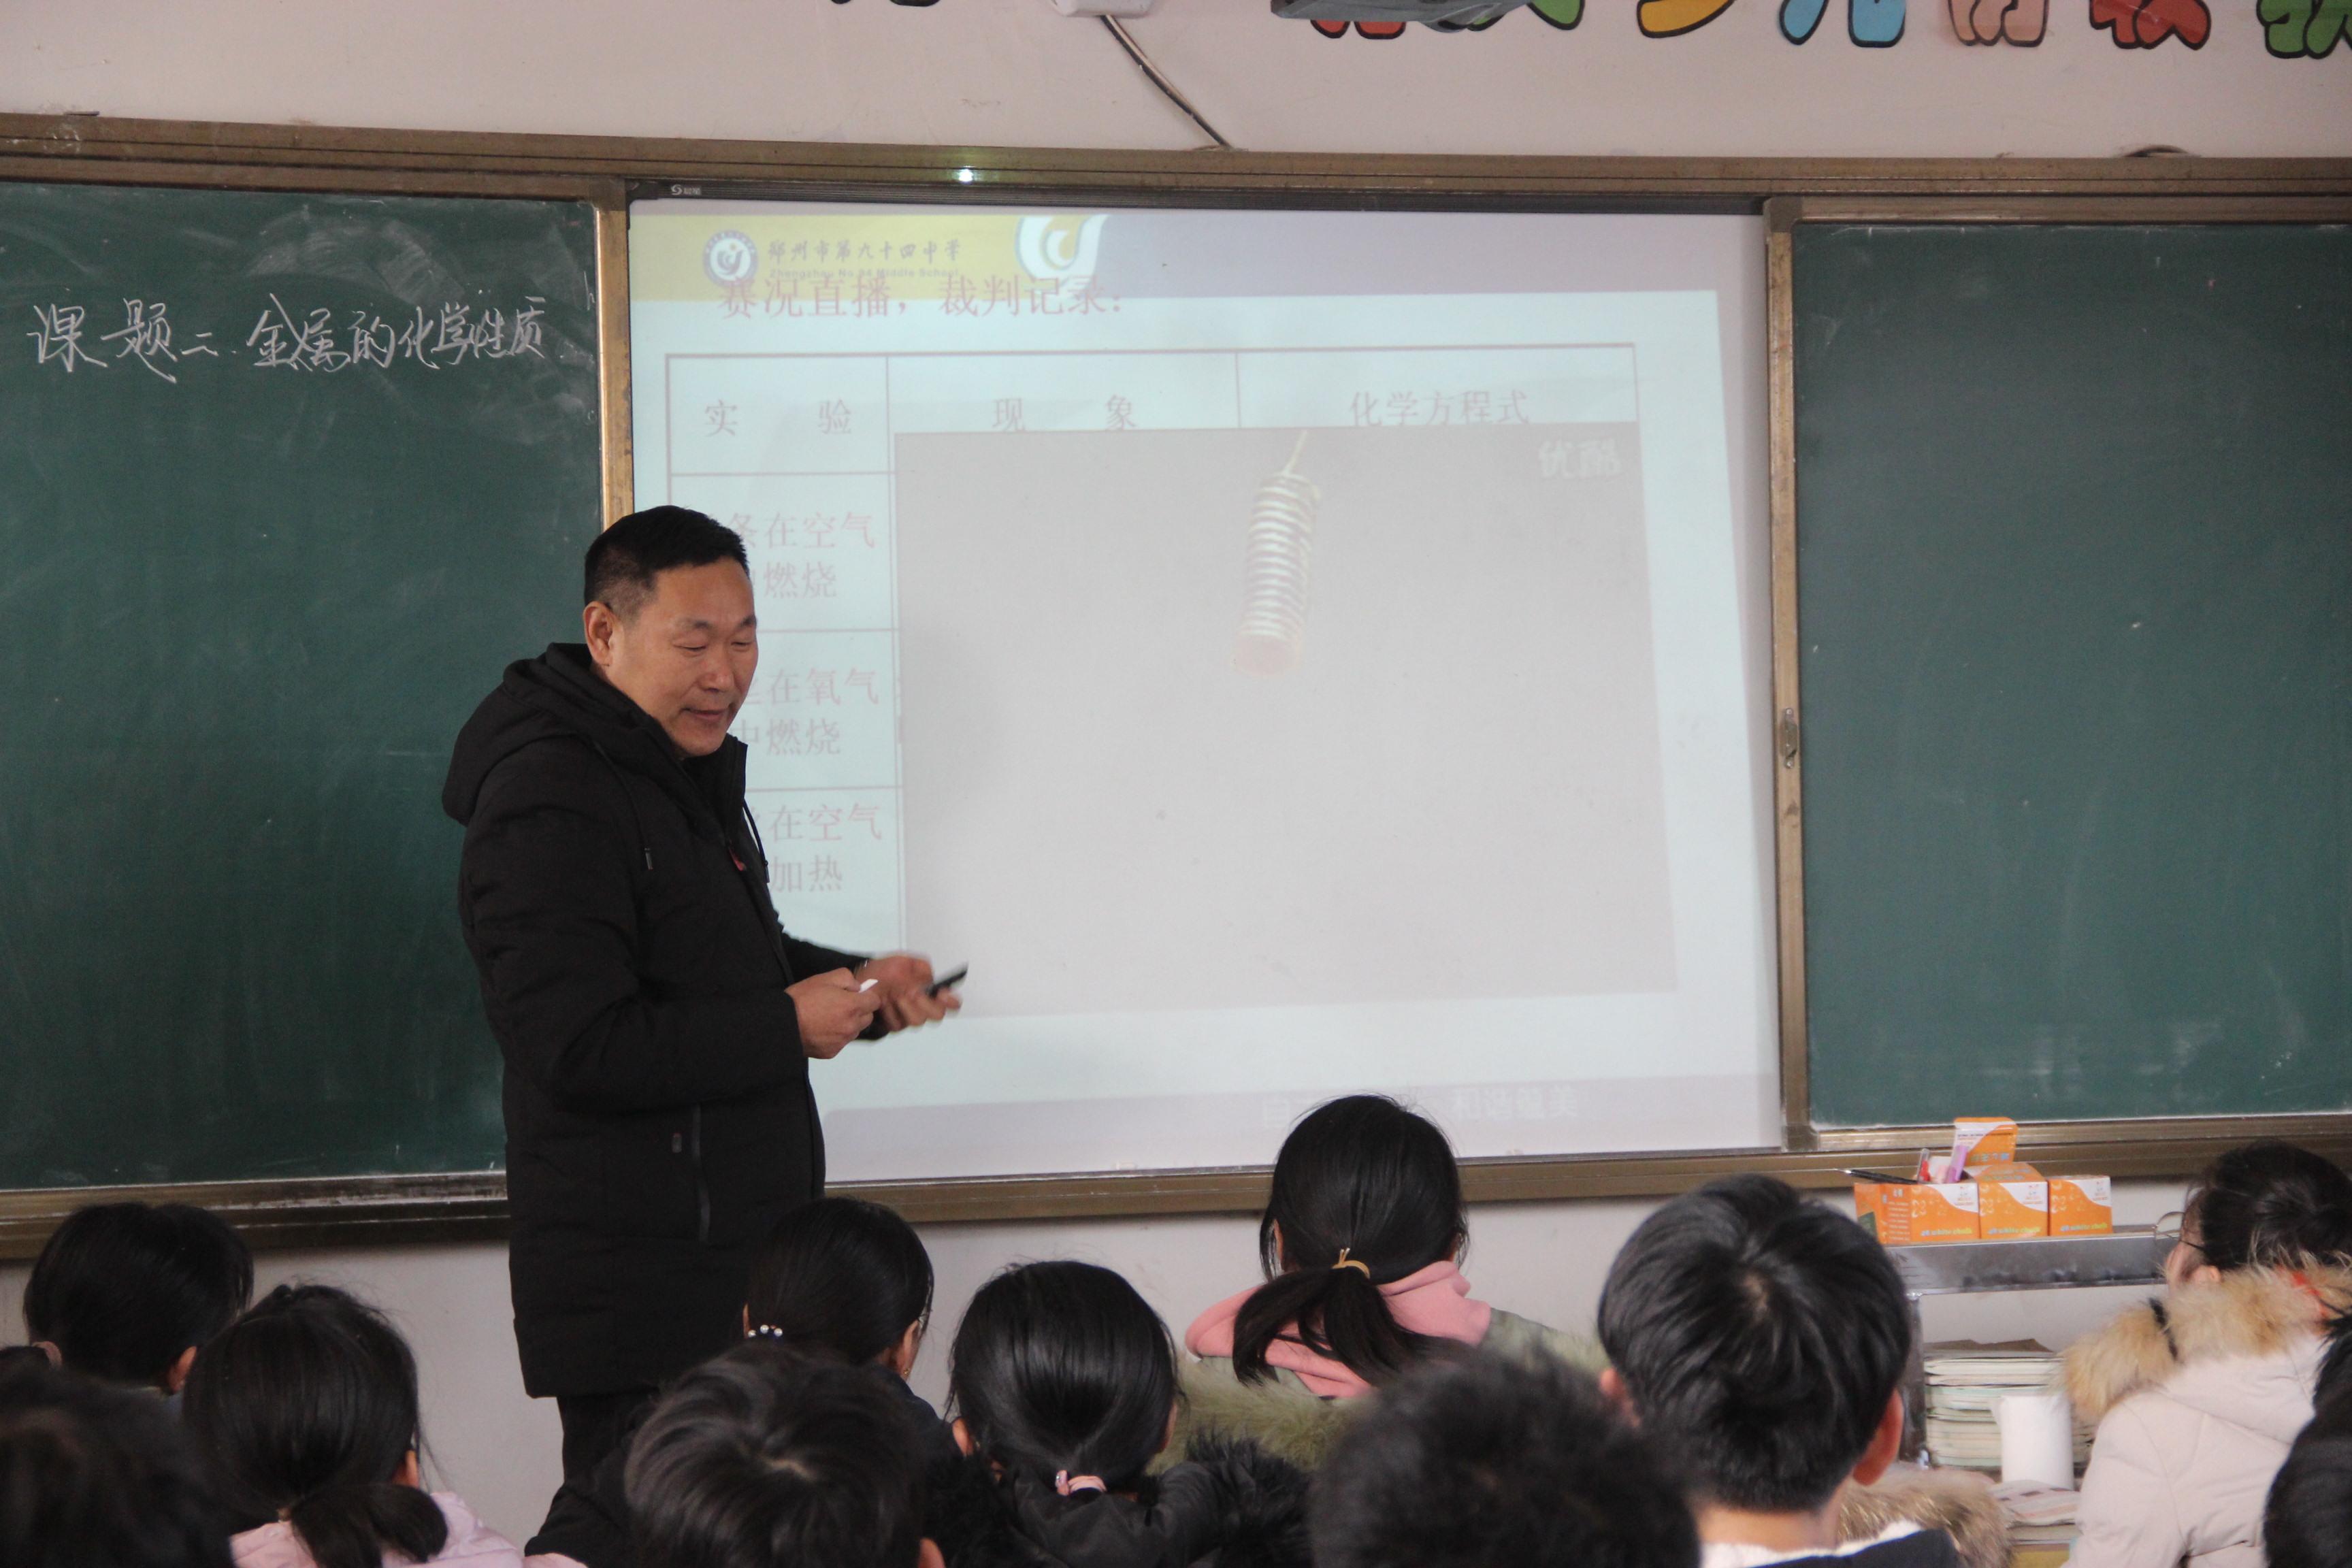 《美好教育》鄭州市第九十四中學:支教幫扶見真情 送課下鄉暖人心